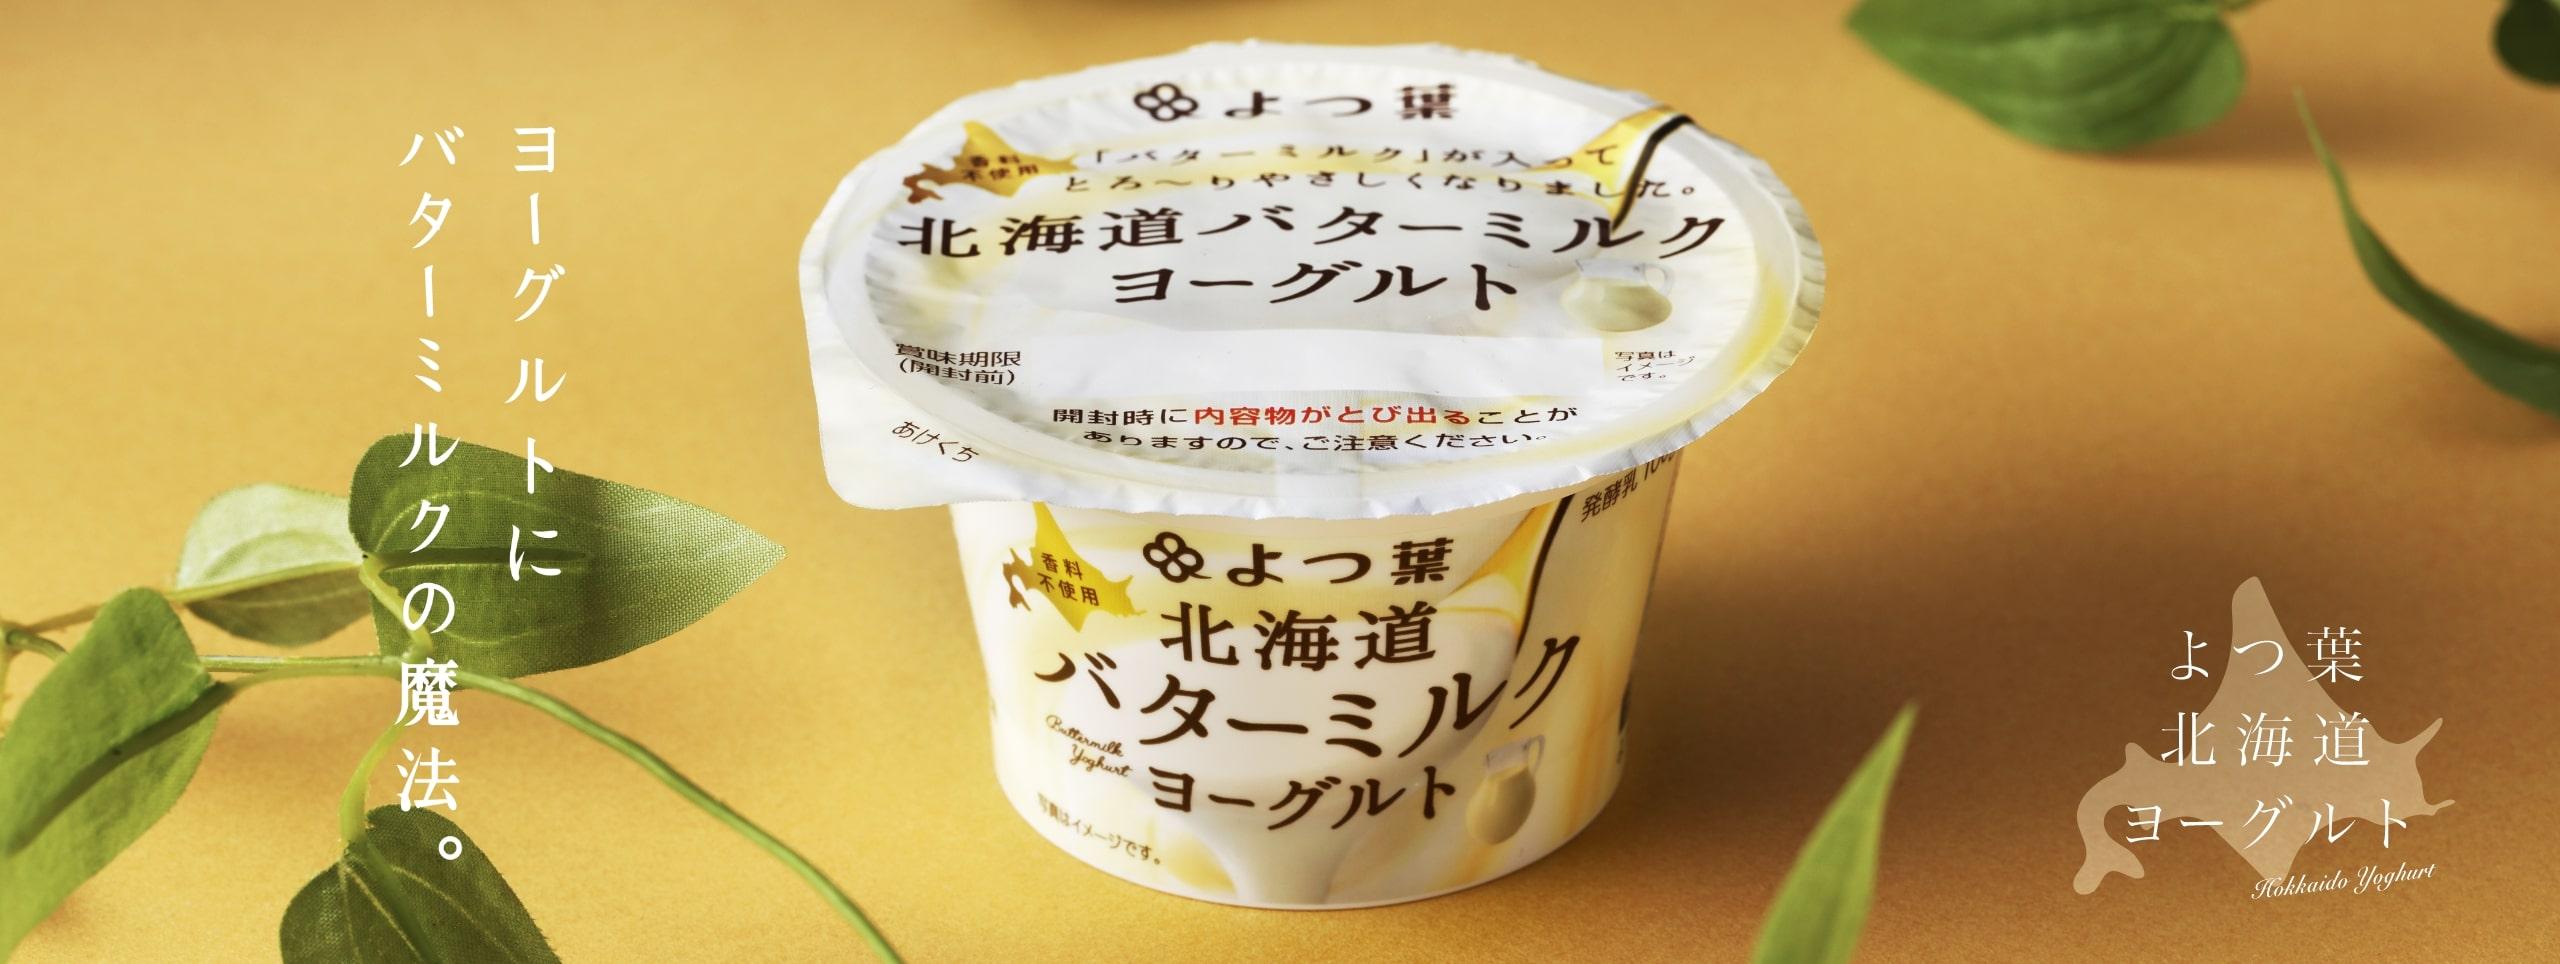 ヨーグルト バター ミルク 脂肪分少ない「バターミルク」使ったヨーグルトなど新発売 よつ葉乳業|ニュース|流通|JAcom